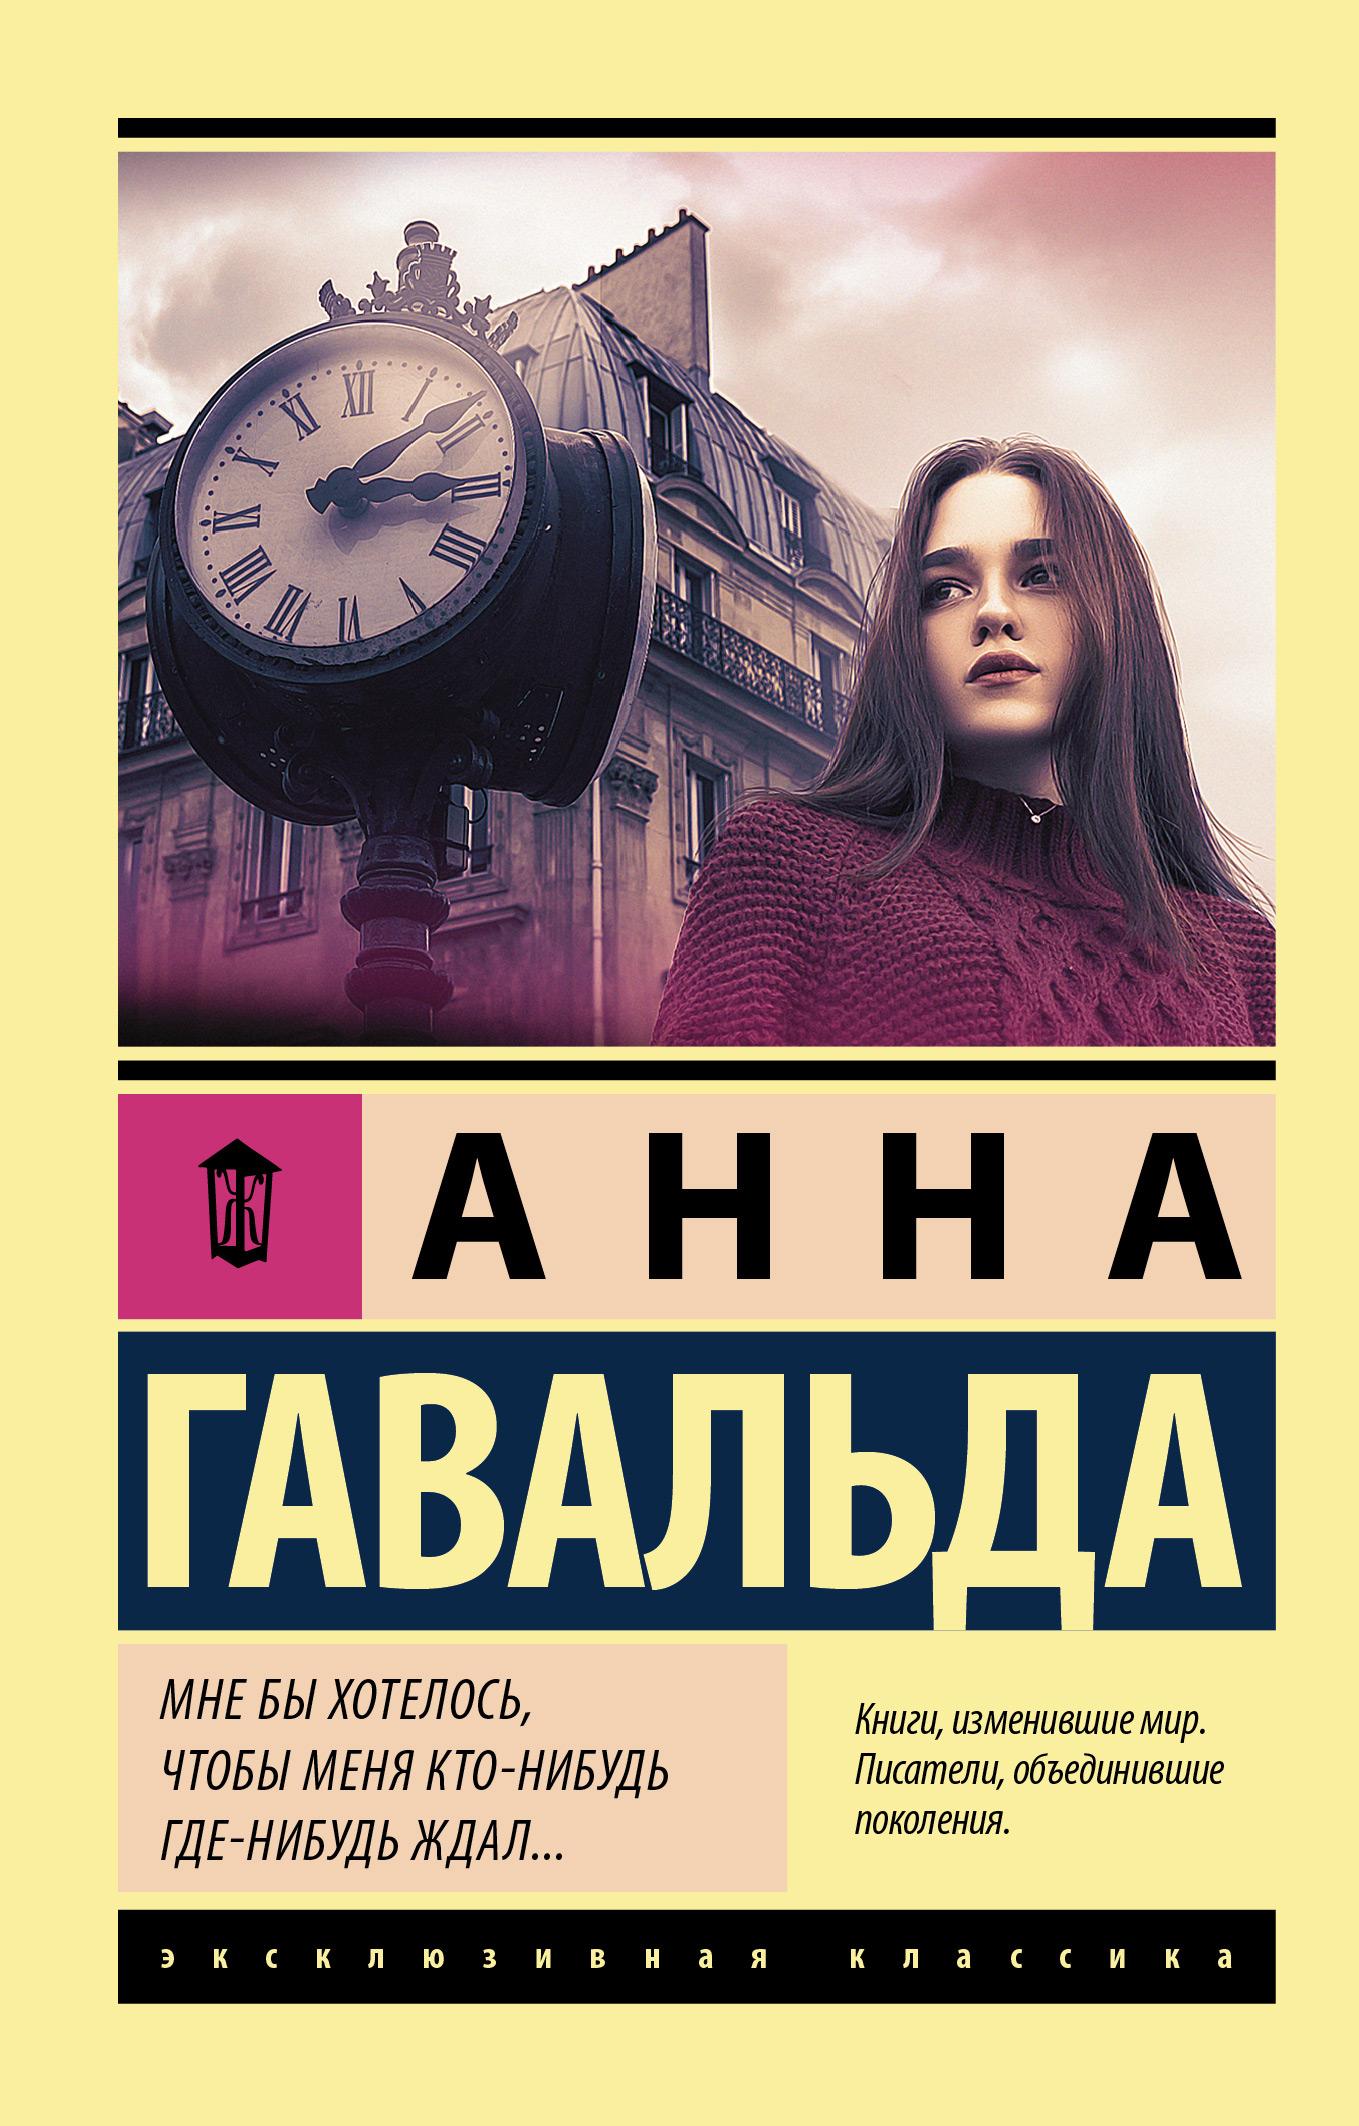 Анна Гавальда - Мне бы хотелось, чтобы меня кто-нибудь где-нибудь ждал…